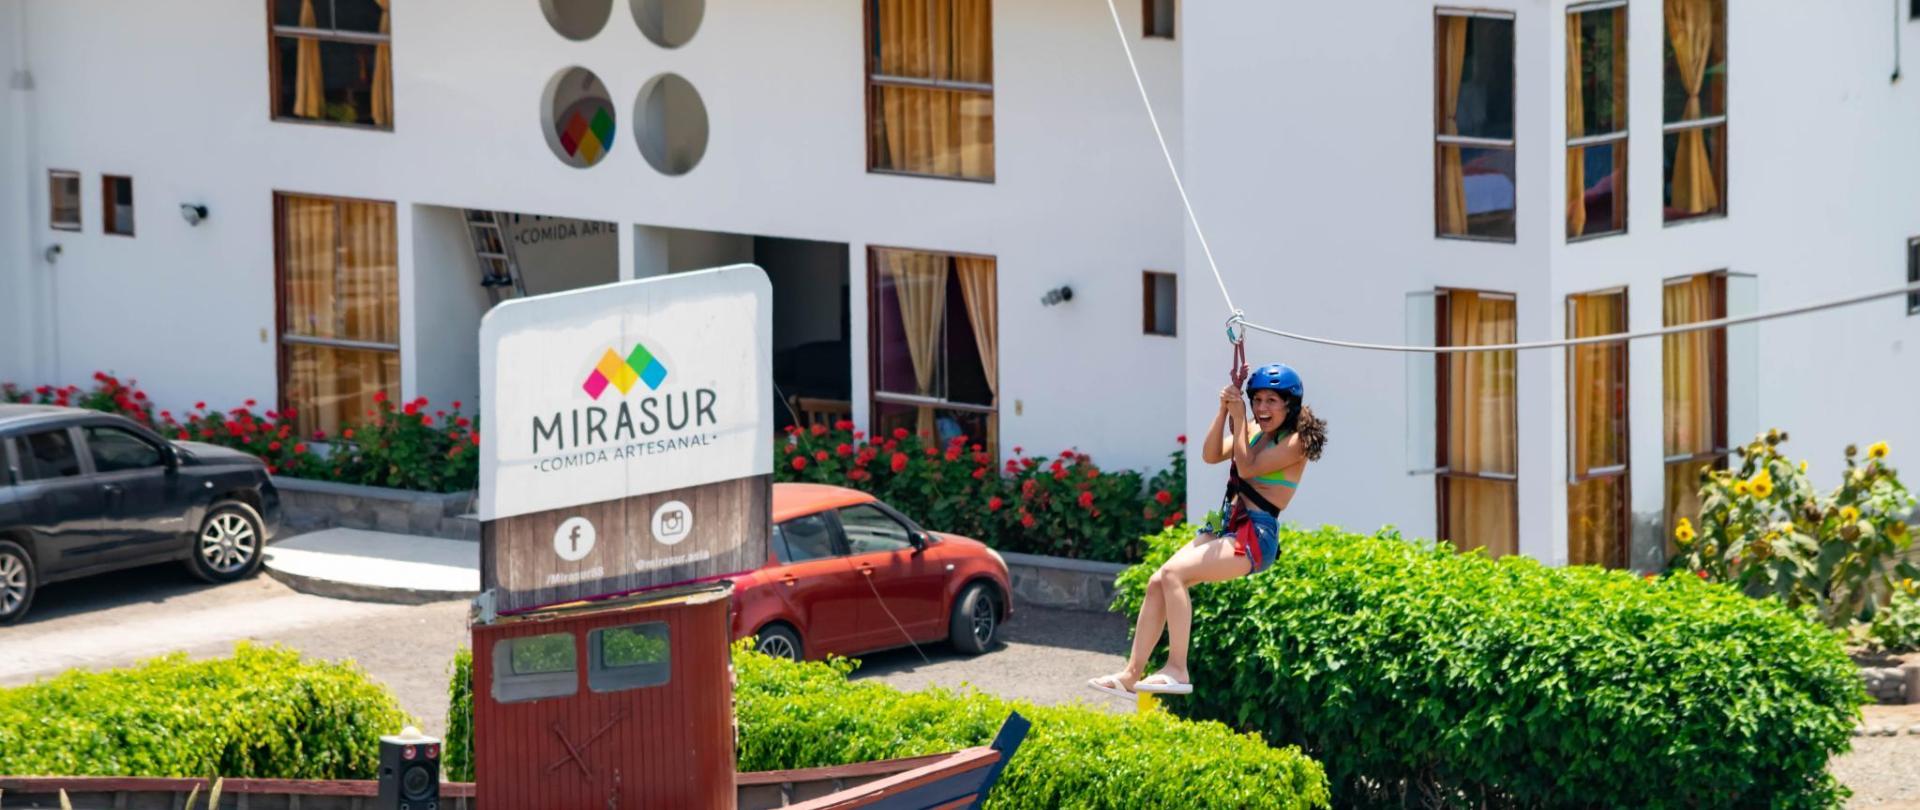 Mirasur (269).jpg